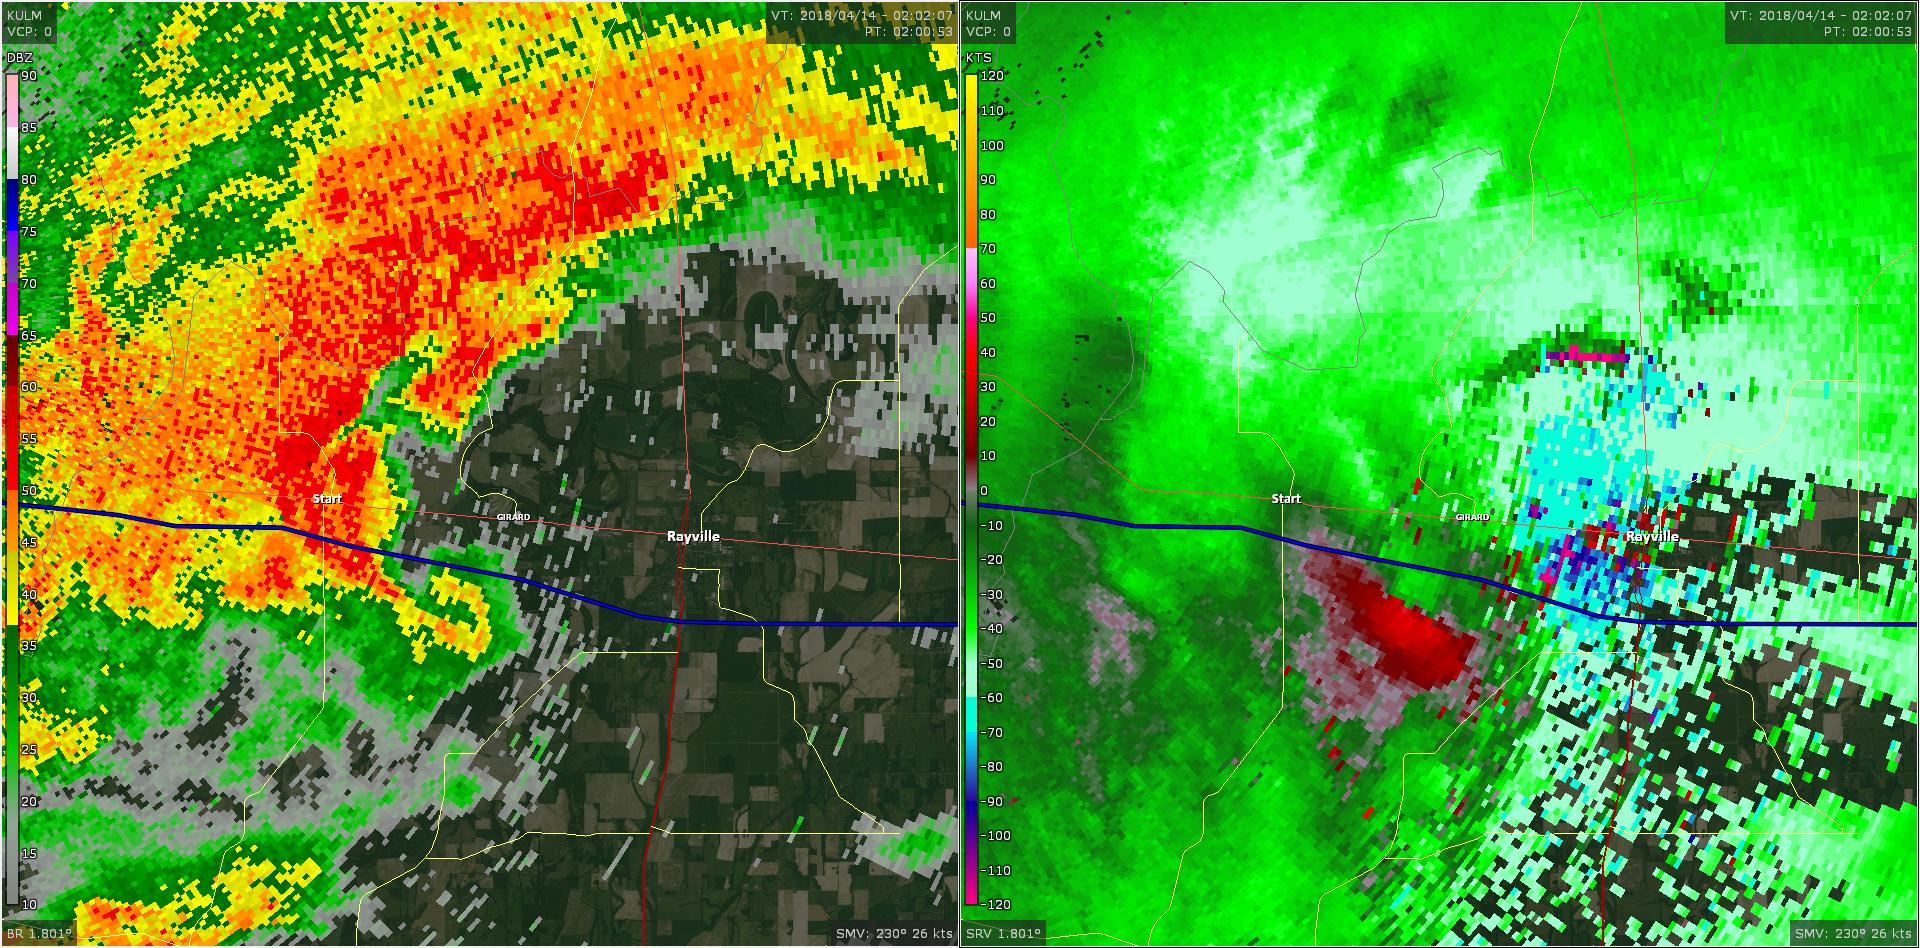 Radar - Richland Parish Tornado